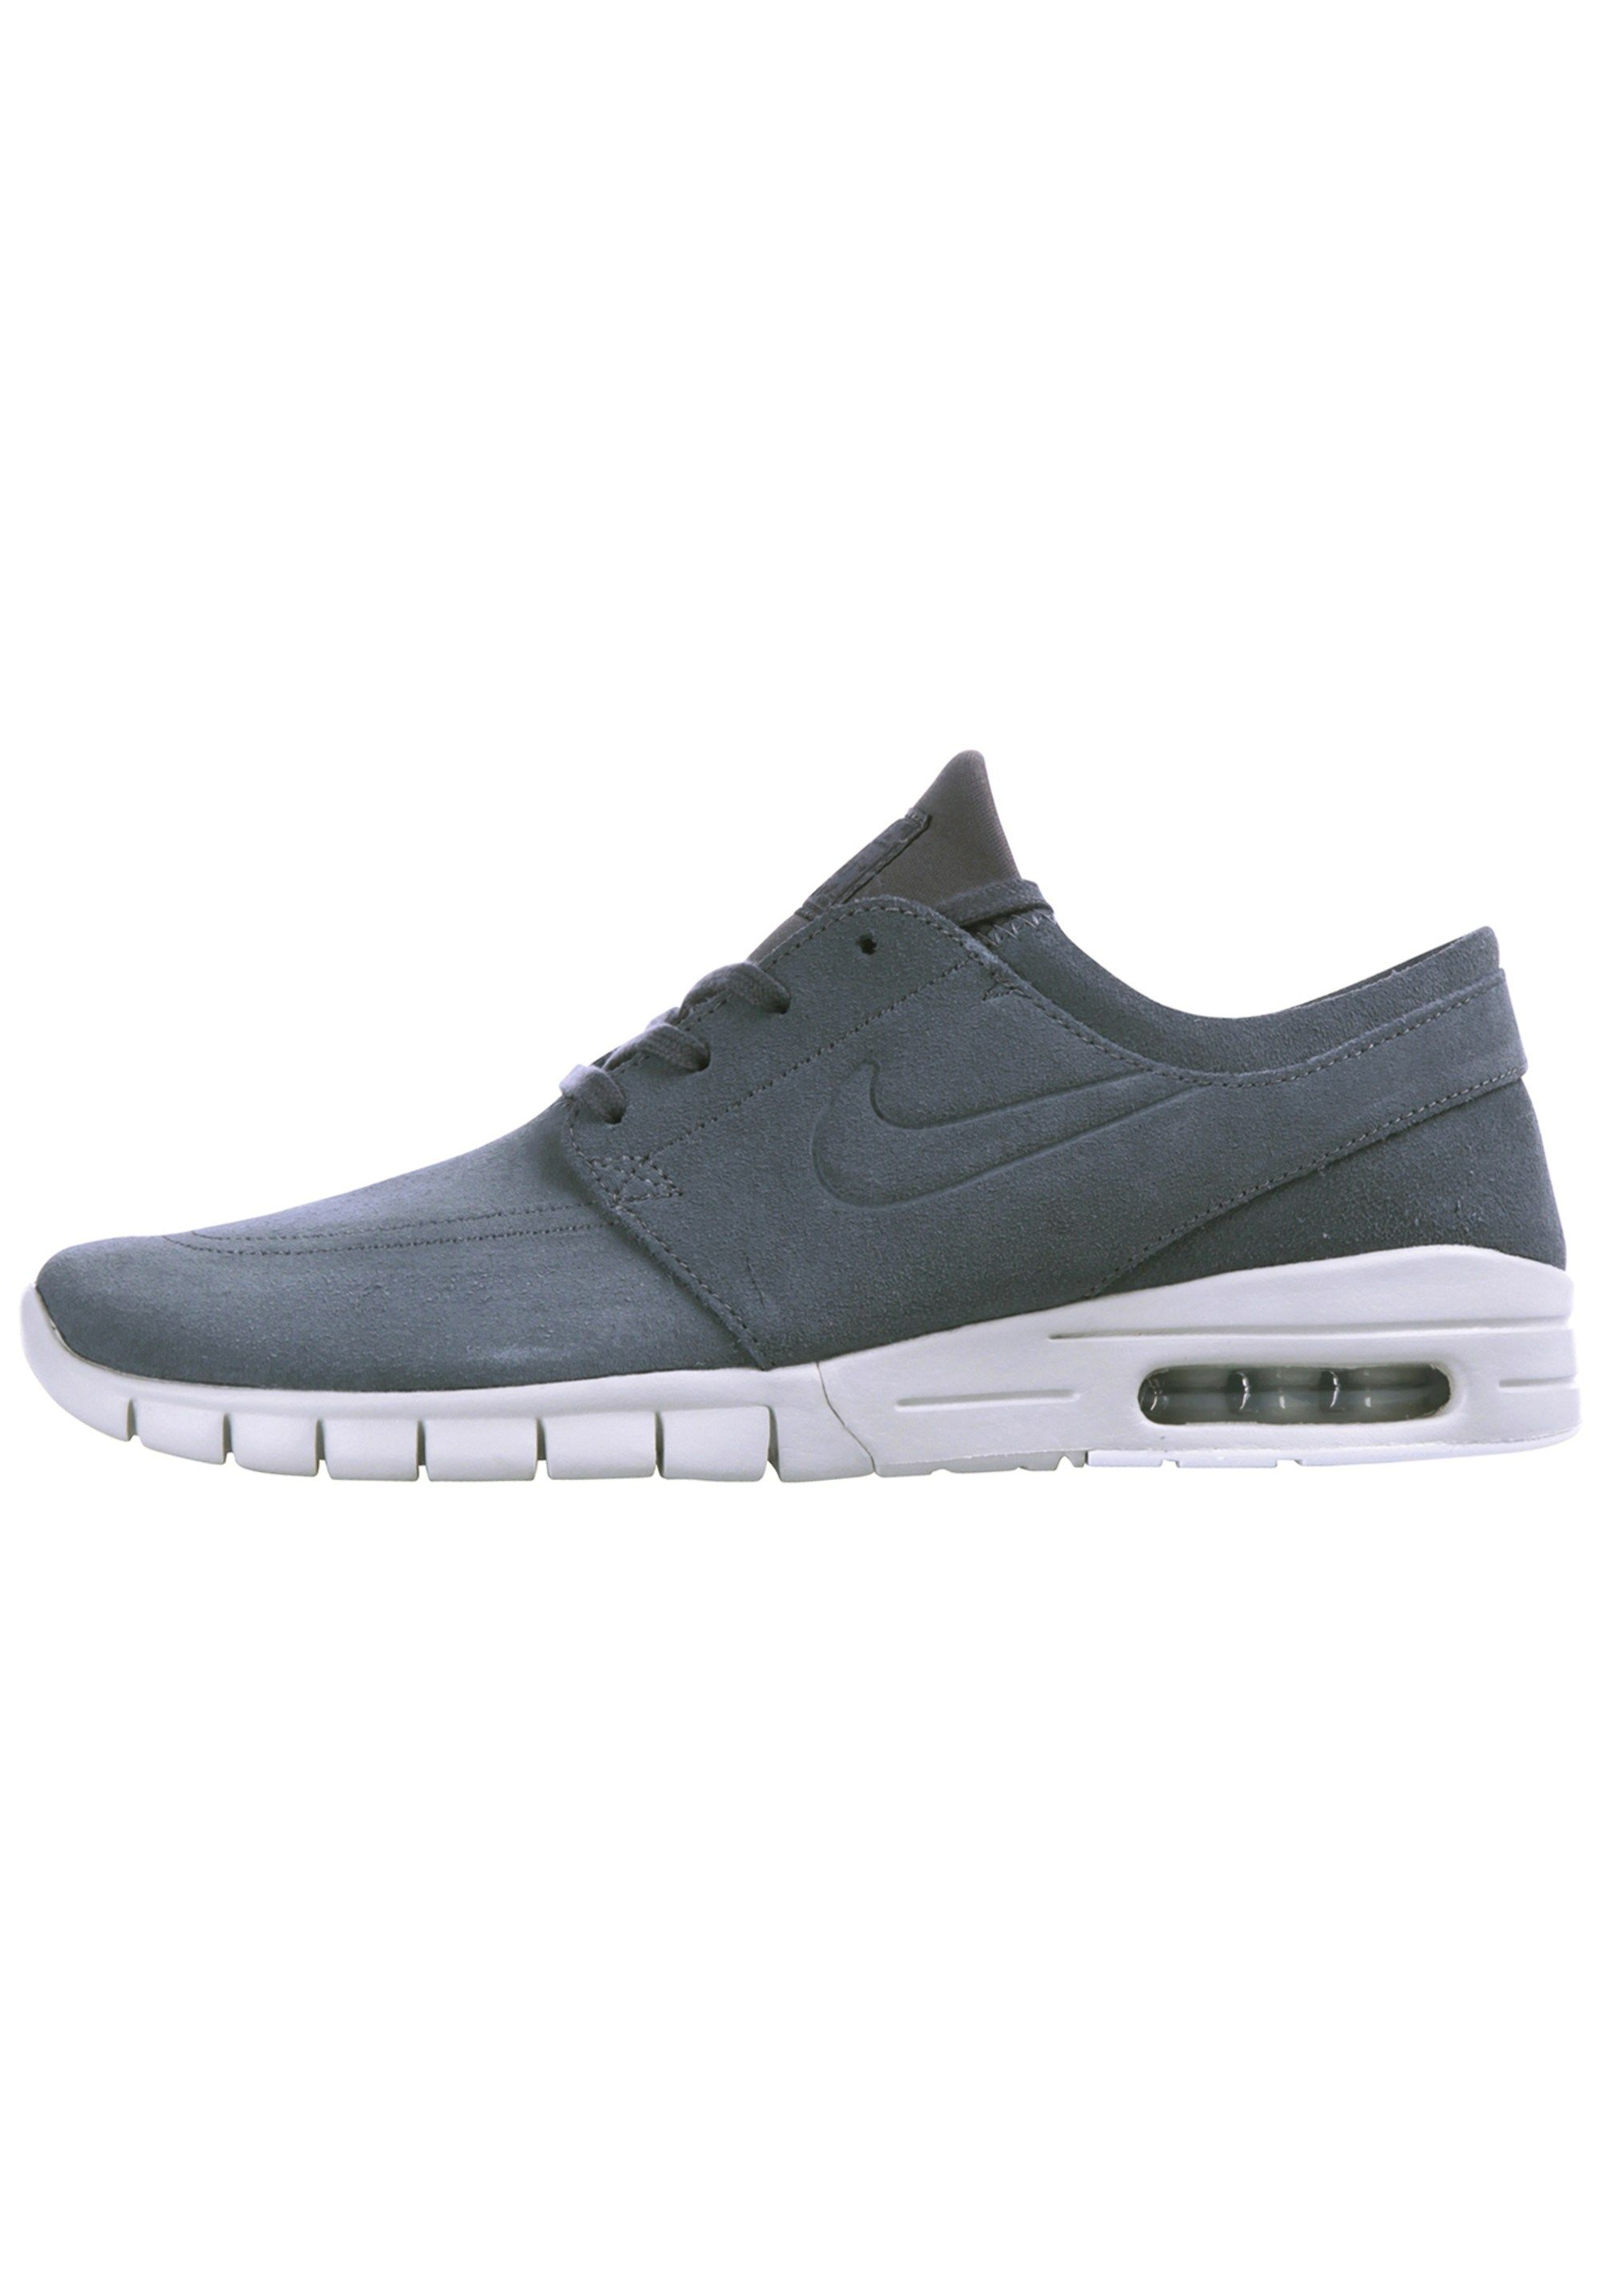 AboutYou #NIKE #Low Sneaker #Sale #Schuhe #Sneaker #NIKE